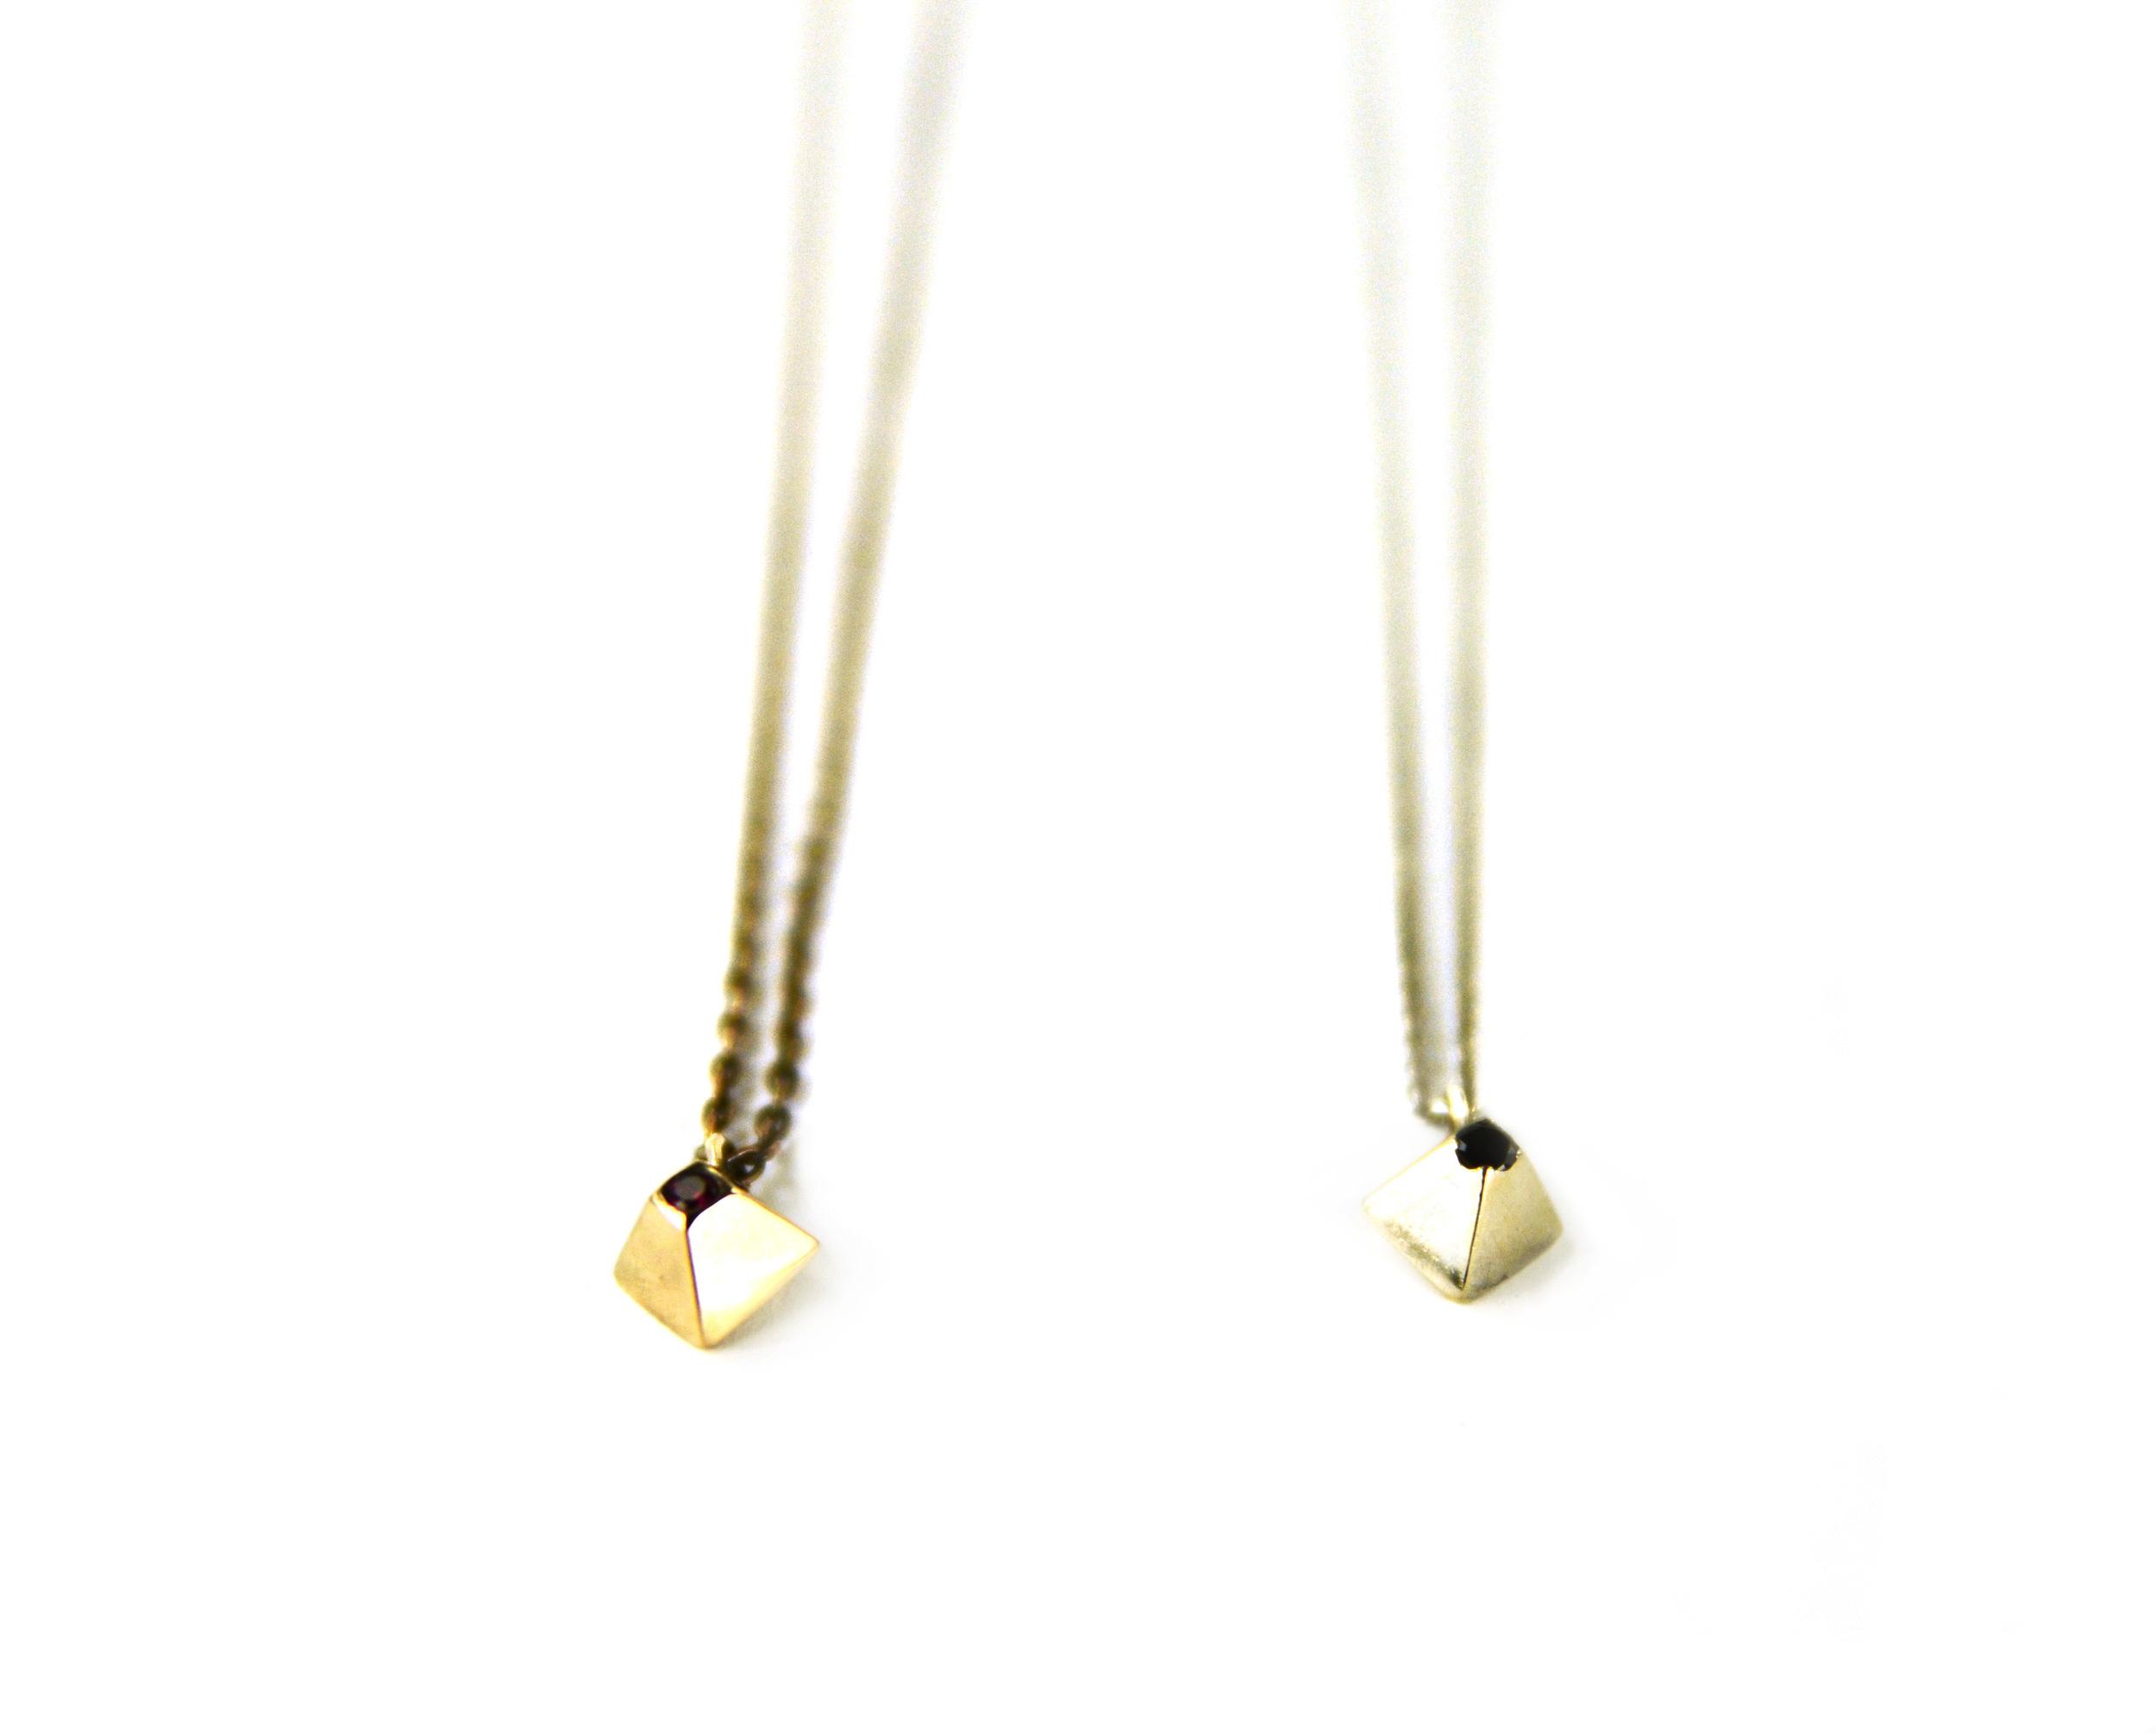 Caldera Solo Necklace